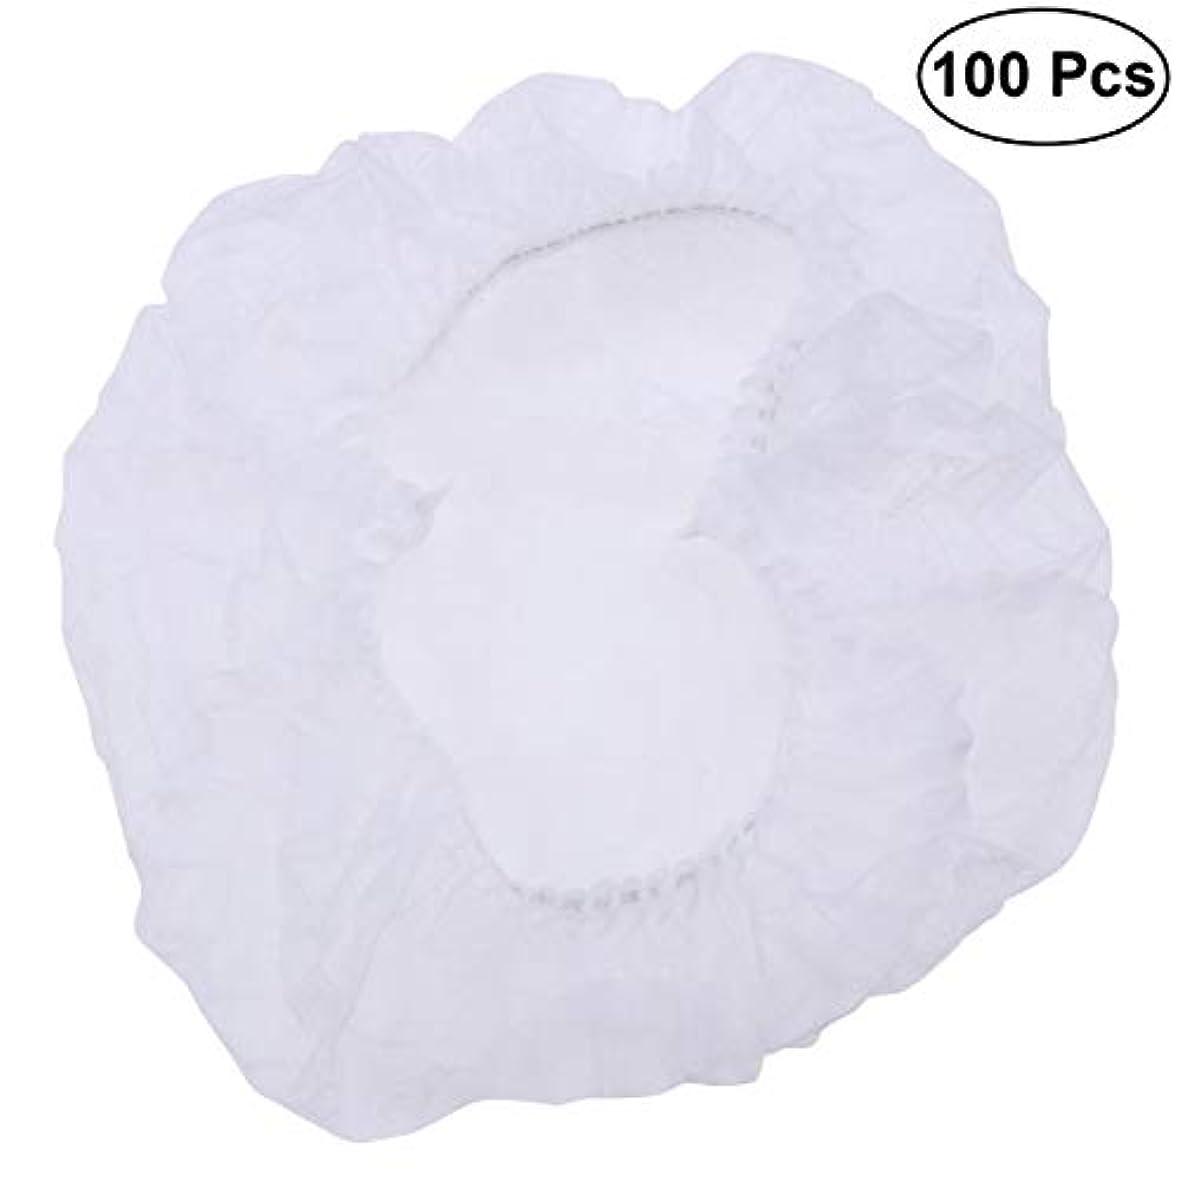 セッションプール少年SUPVOX ヘアサロンの家のホテル100pcsのための使い捨て可能なシャワーキャップの伸縮性がある毛の帽子